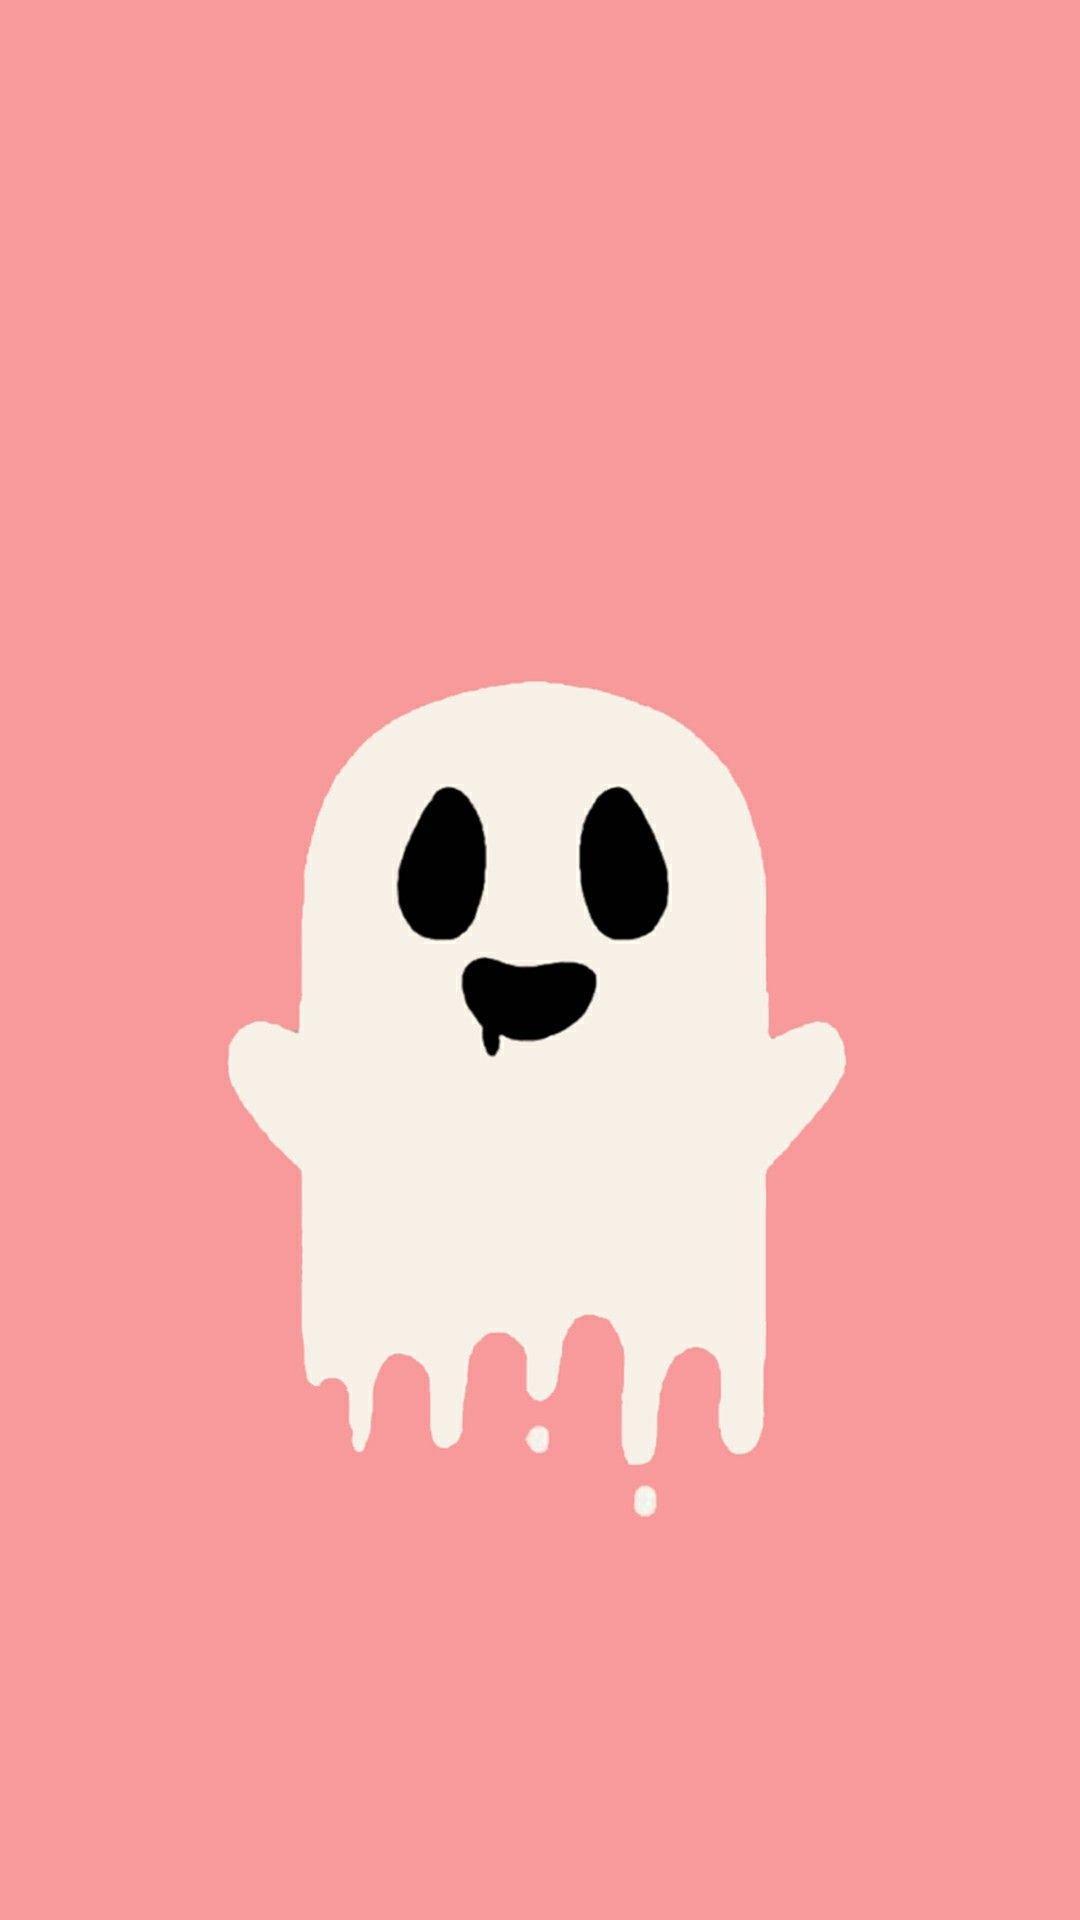 Halloween Aesthetic Wallpapers - Top Free Halloween ...